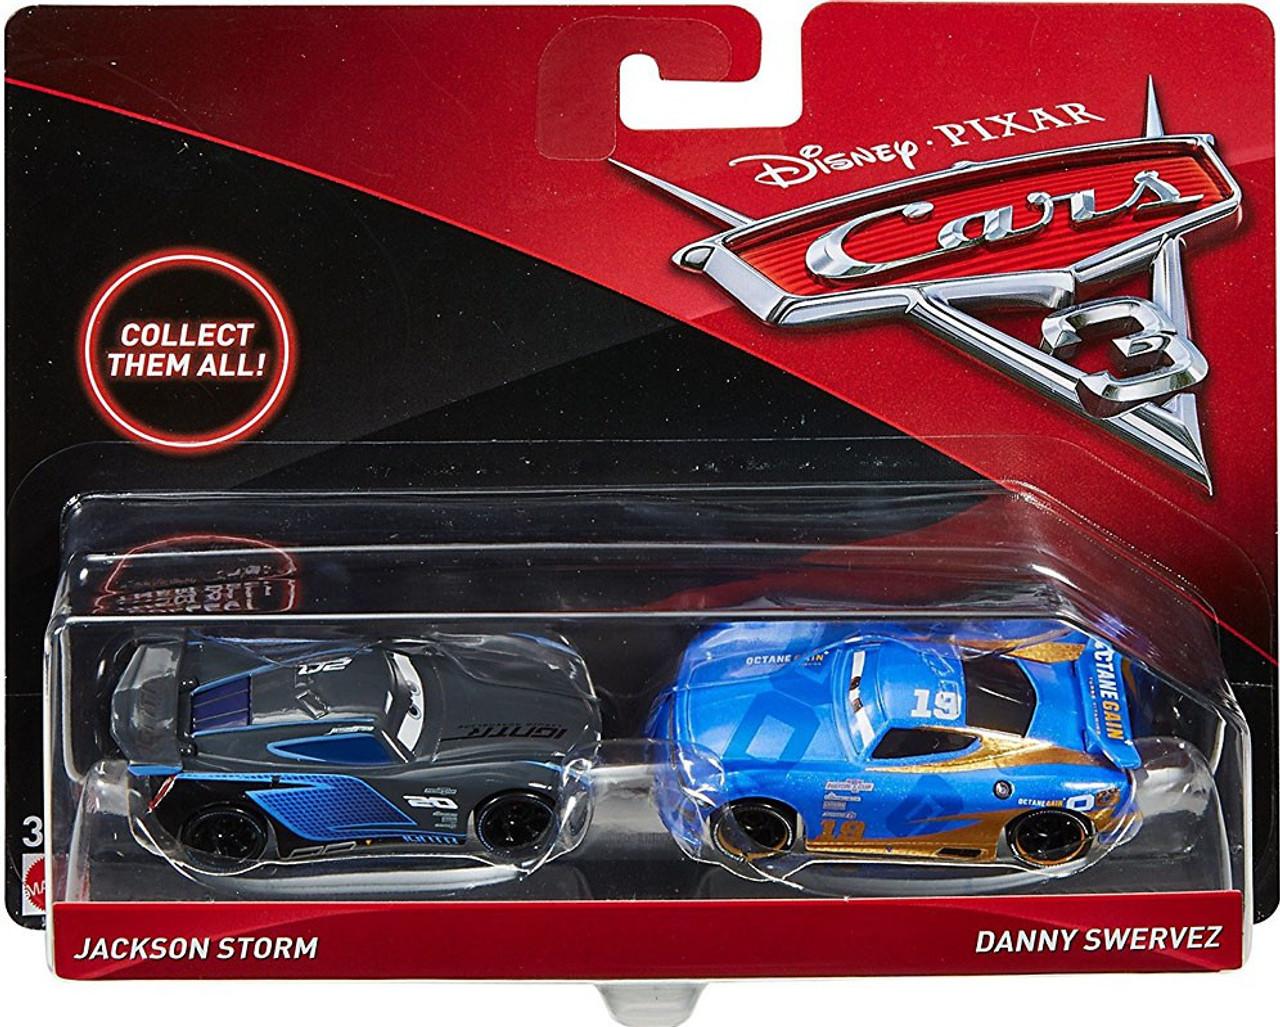 disney cars cars 3 jackson storm danny swervez diecast 2 pack mattel toys toywiz. Black Bedroom Furniture Sets. Home Design Ideas